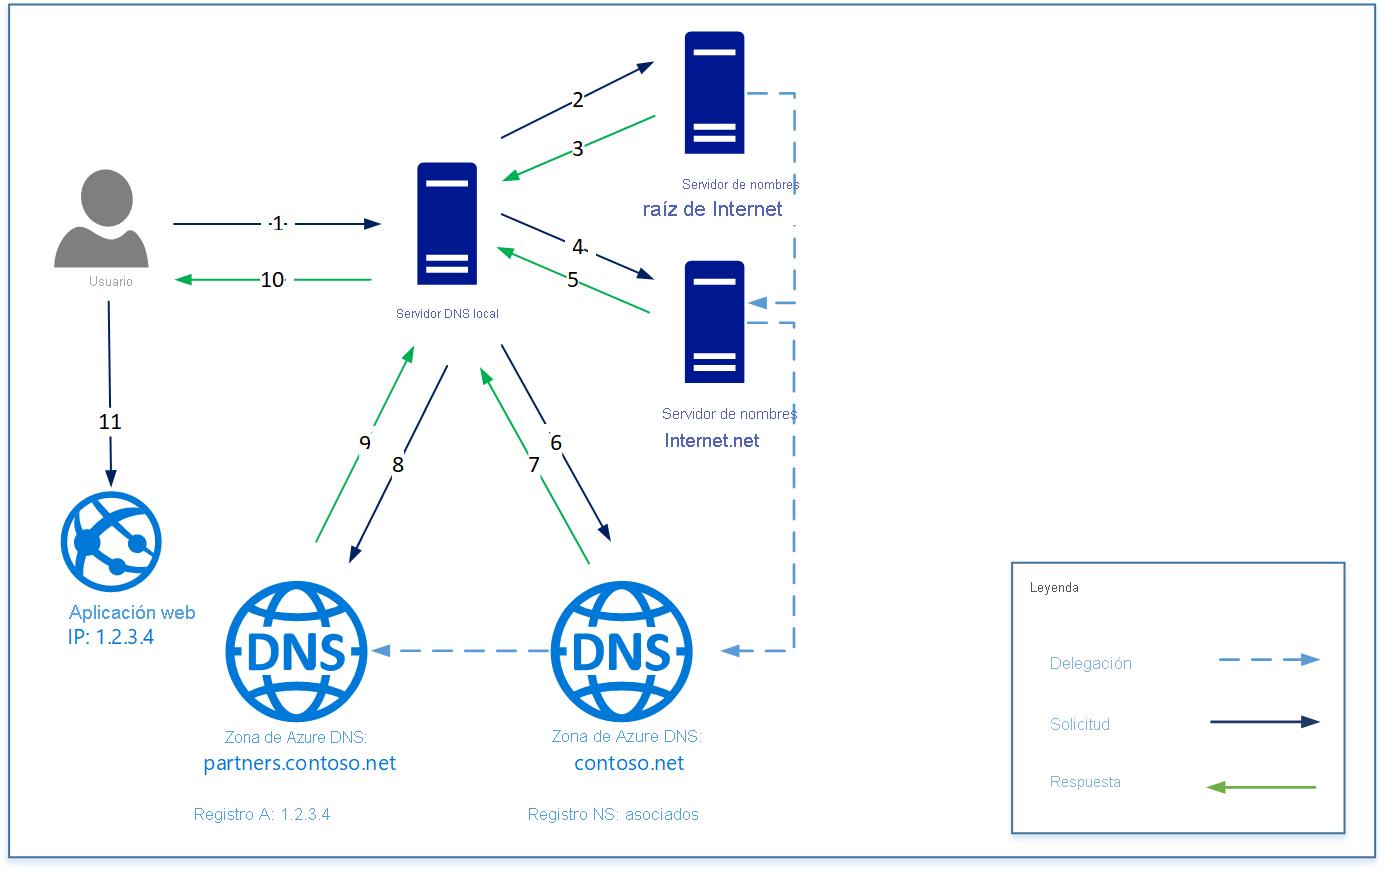 Introducción a la delegación de Azure DNS | Microsoft Docs